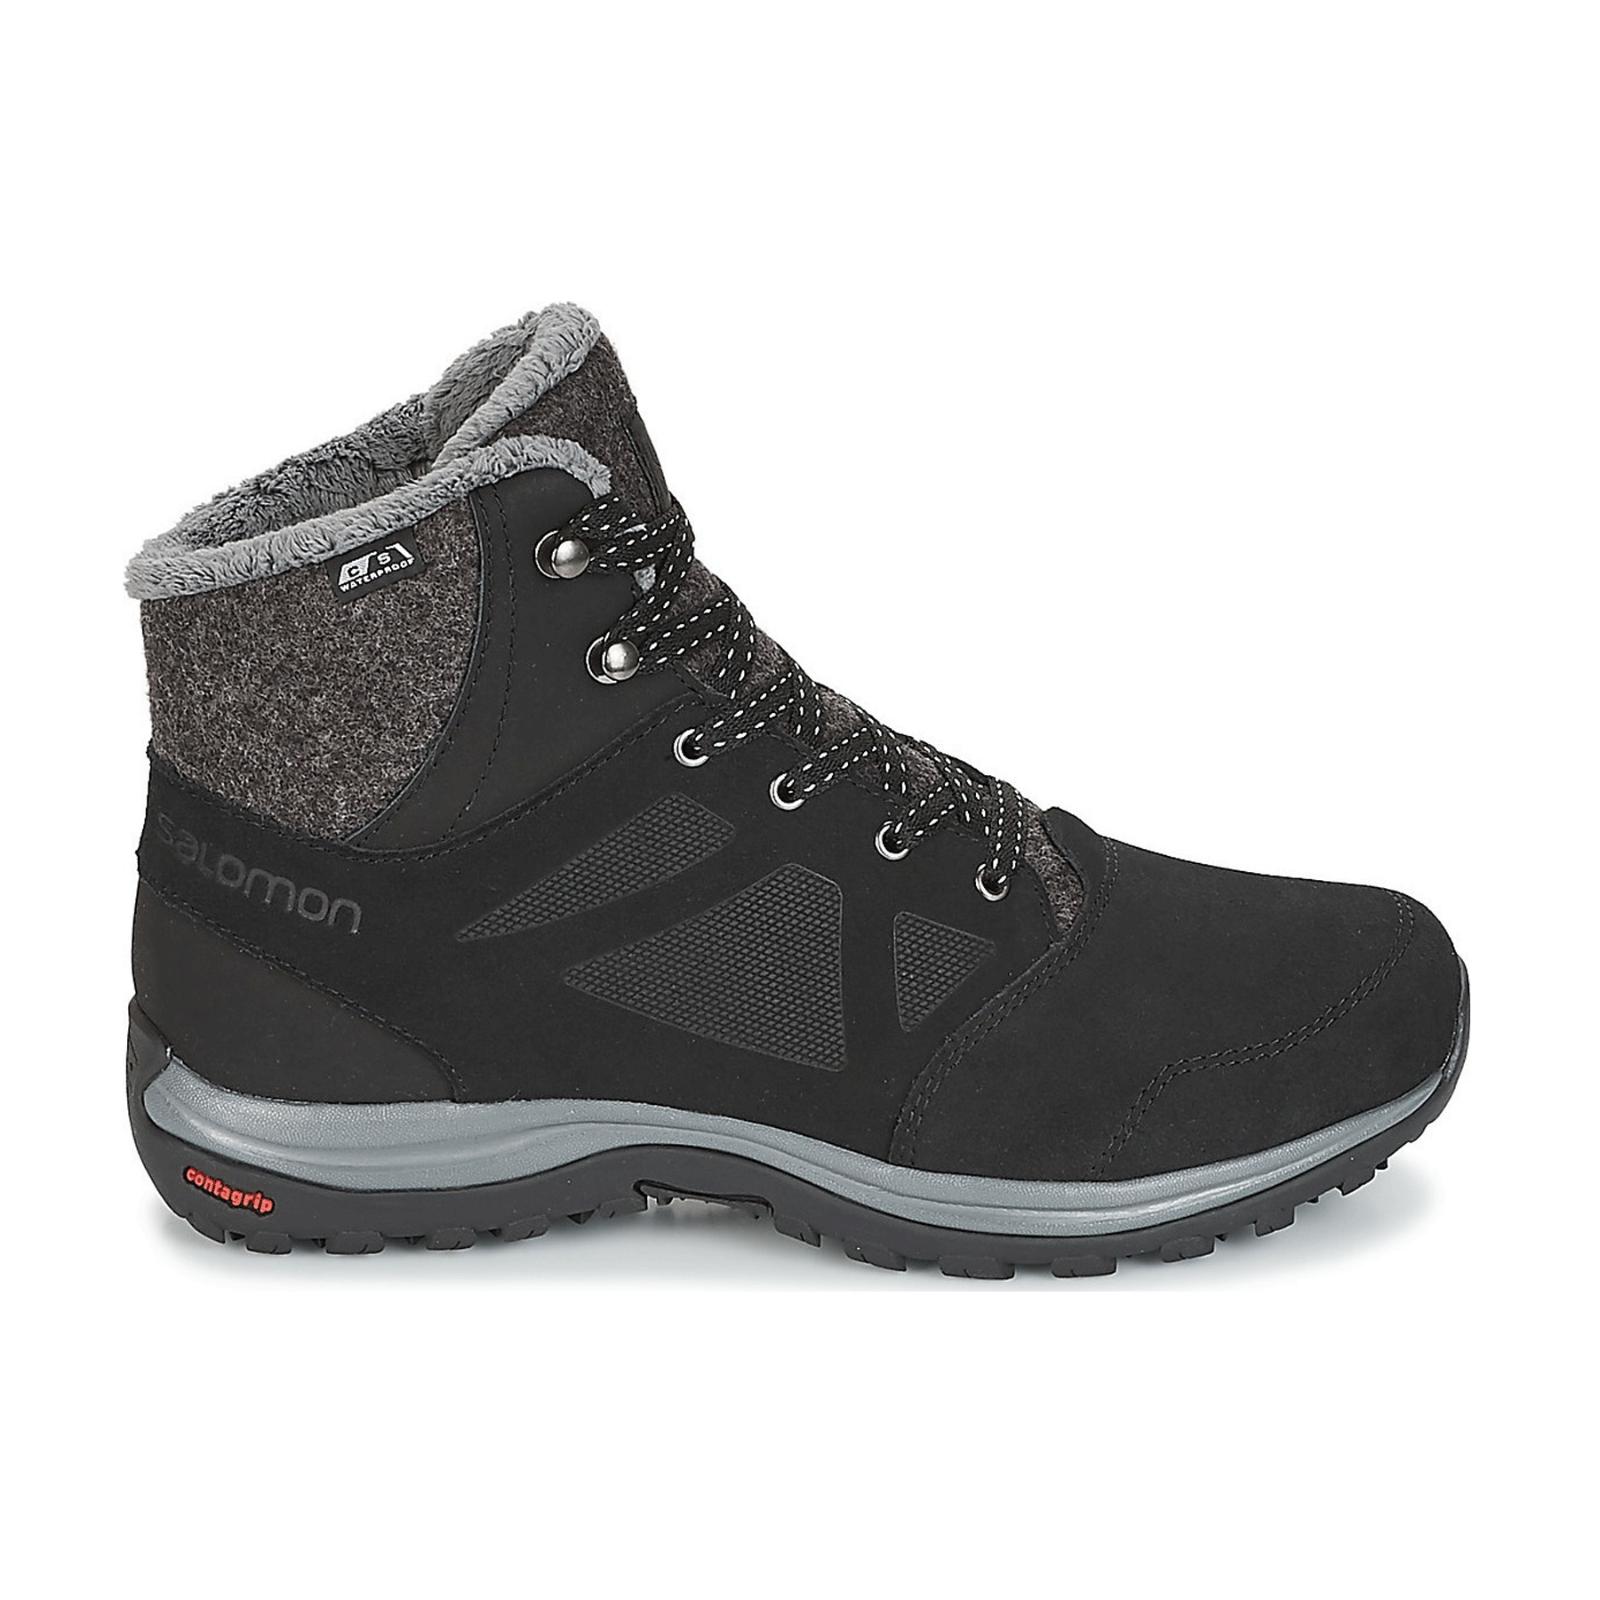 sconto di vendita Salomon ELLIPSE Freeze CS WP da uomo per il il il tempo libero scarpa 38 - 42,5 NUOVO UVP   le migliori marche vendono a buon mercato